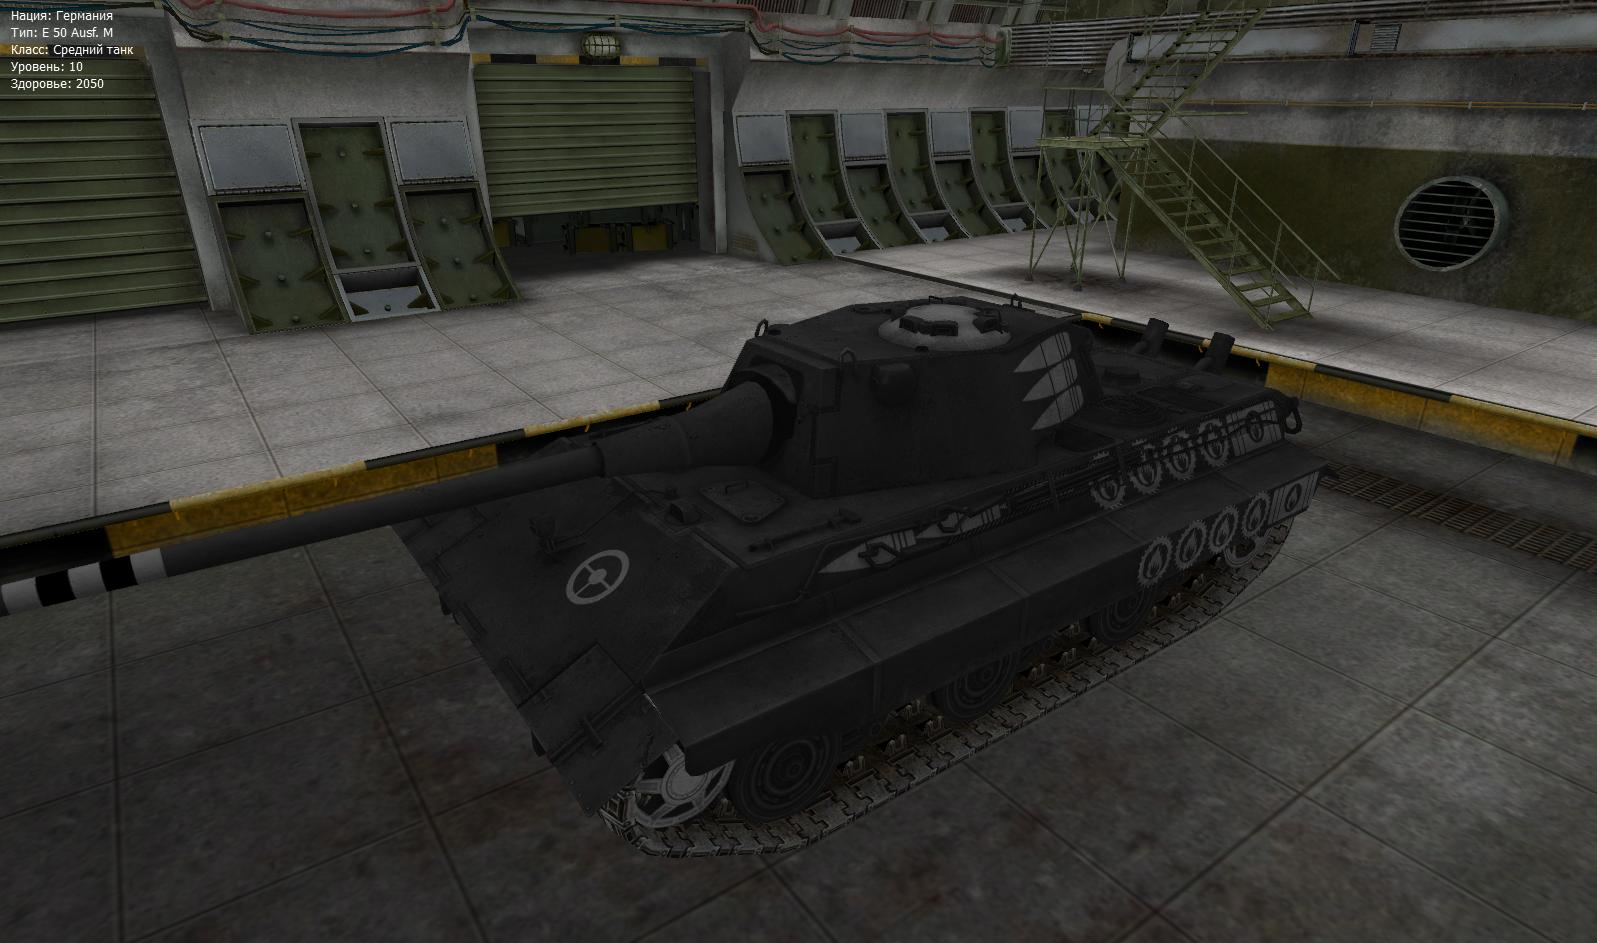 скачать мод автоматический огнетушитель для world of tanks